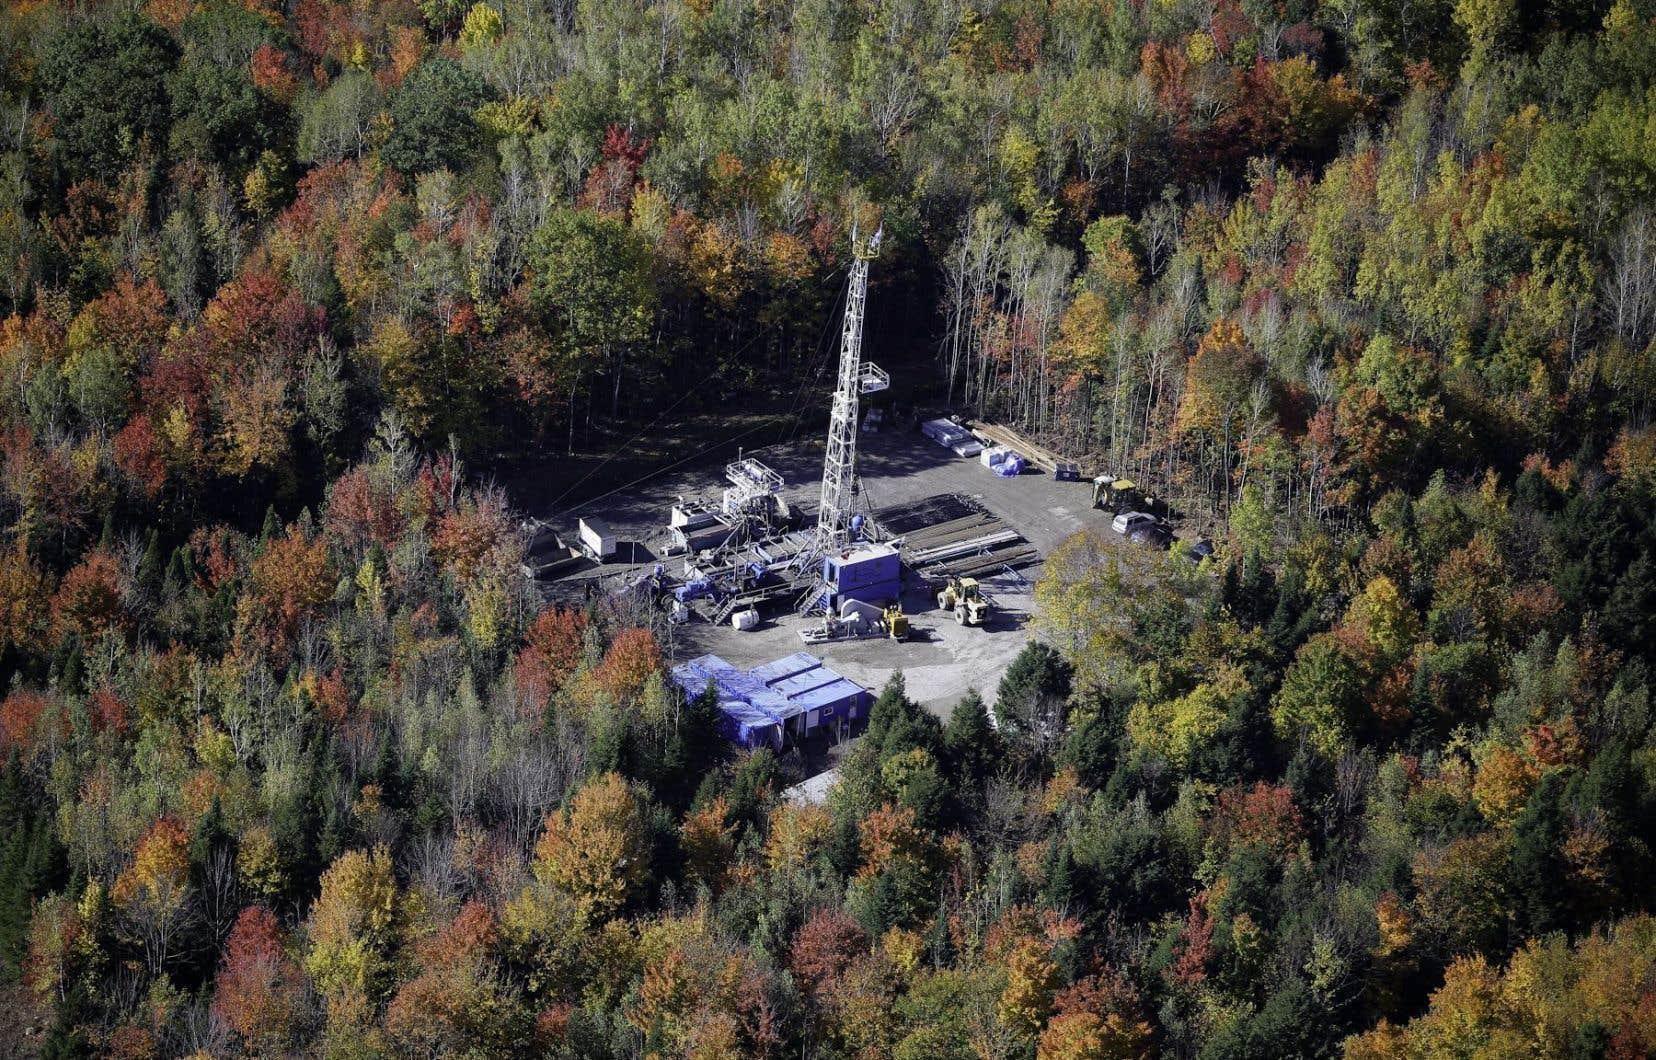 En 10 ans, le gouvernement du Québec a obtenu 12 millions de dollars en frais payés pour le maintien de tous les permis d'exploration, mais il a dépensé 120 millions de dollars dans des projets pétroliers qui n'ont jamais vu le jour.